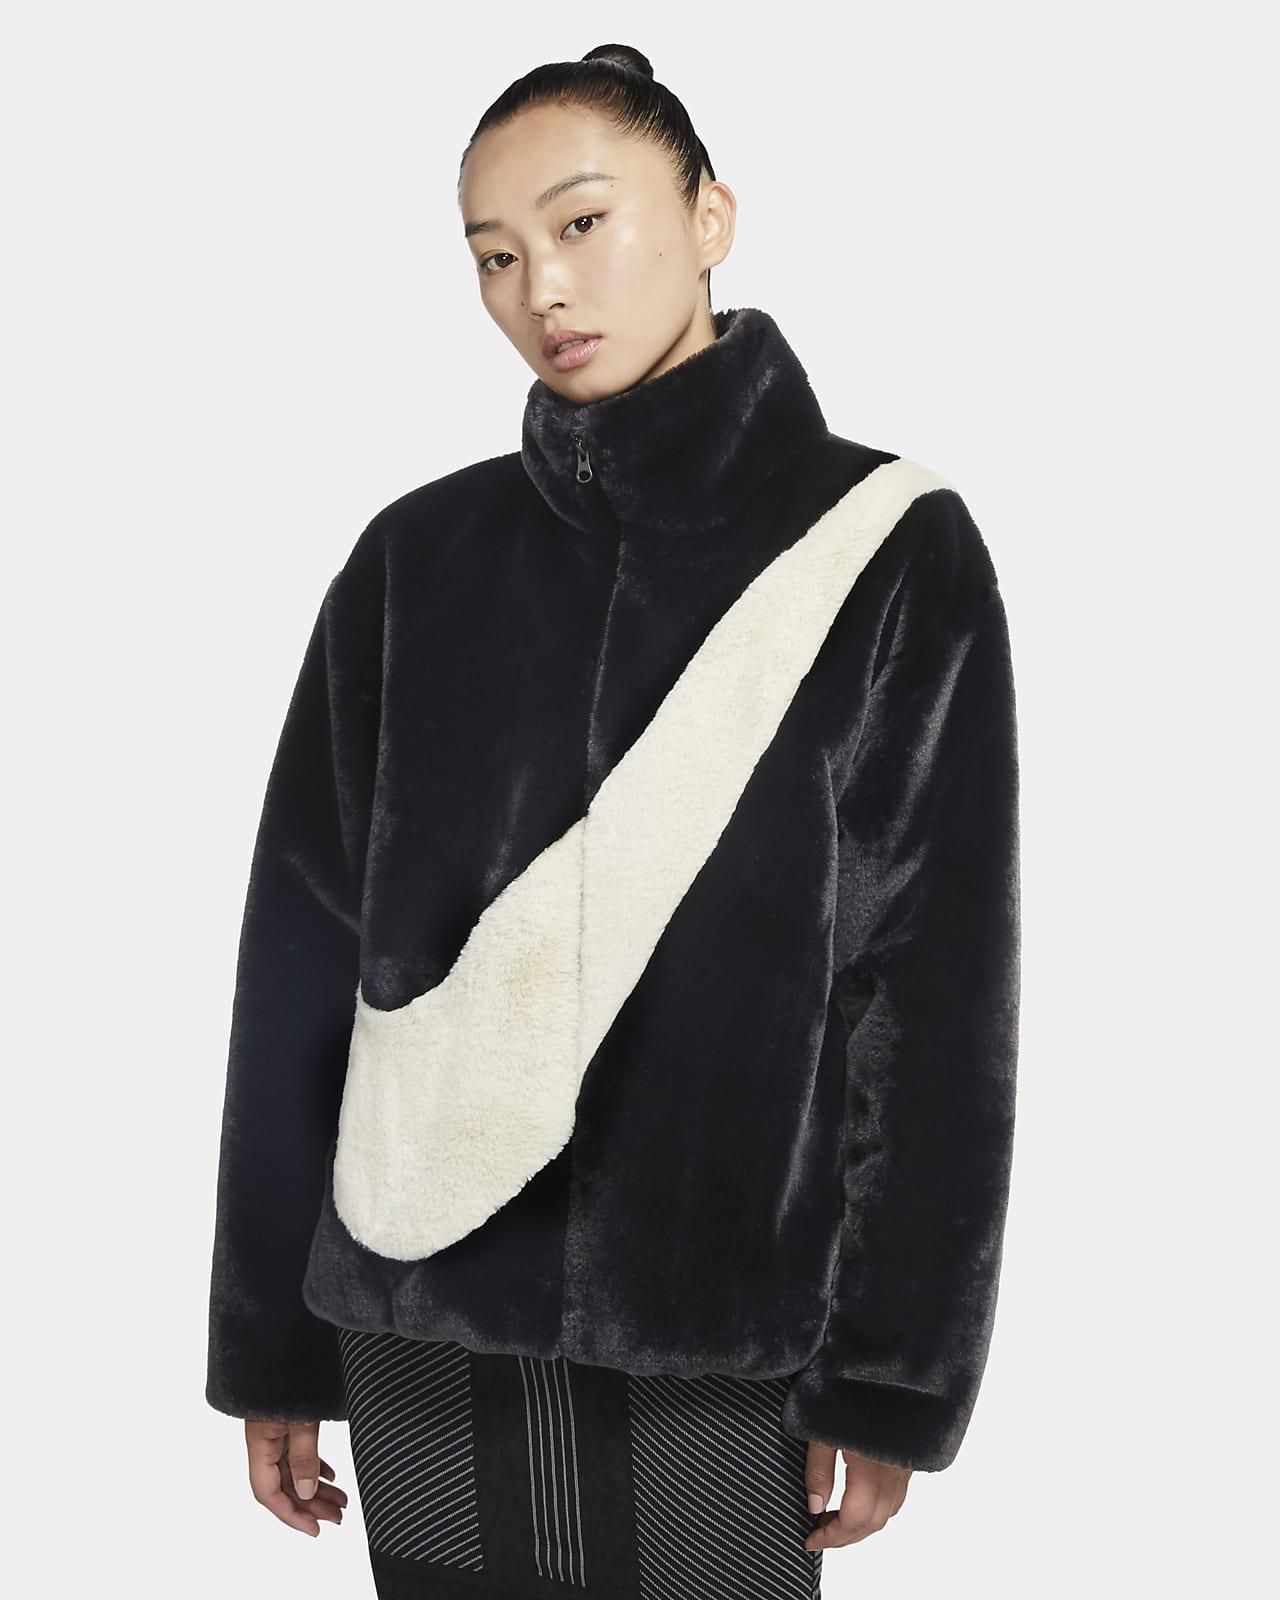 Nike Sportswear Women's Faux Fur Jacket